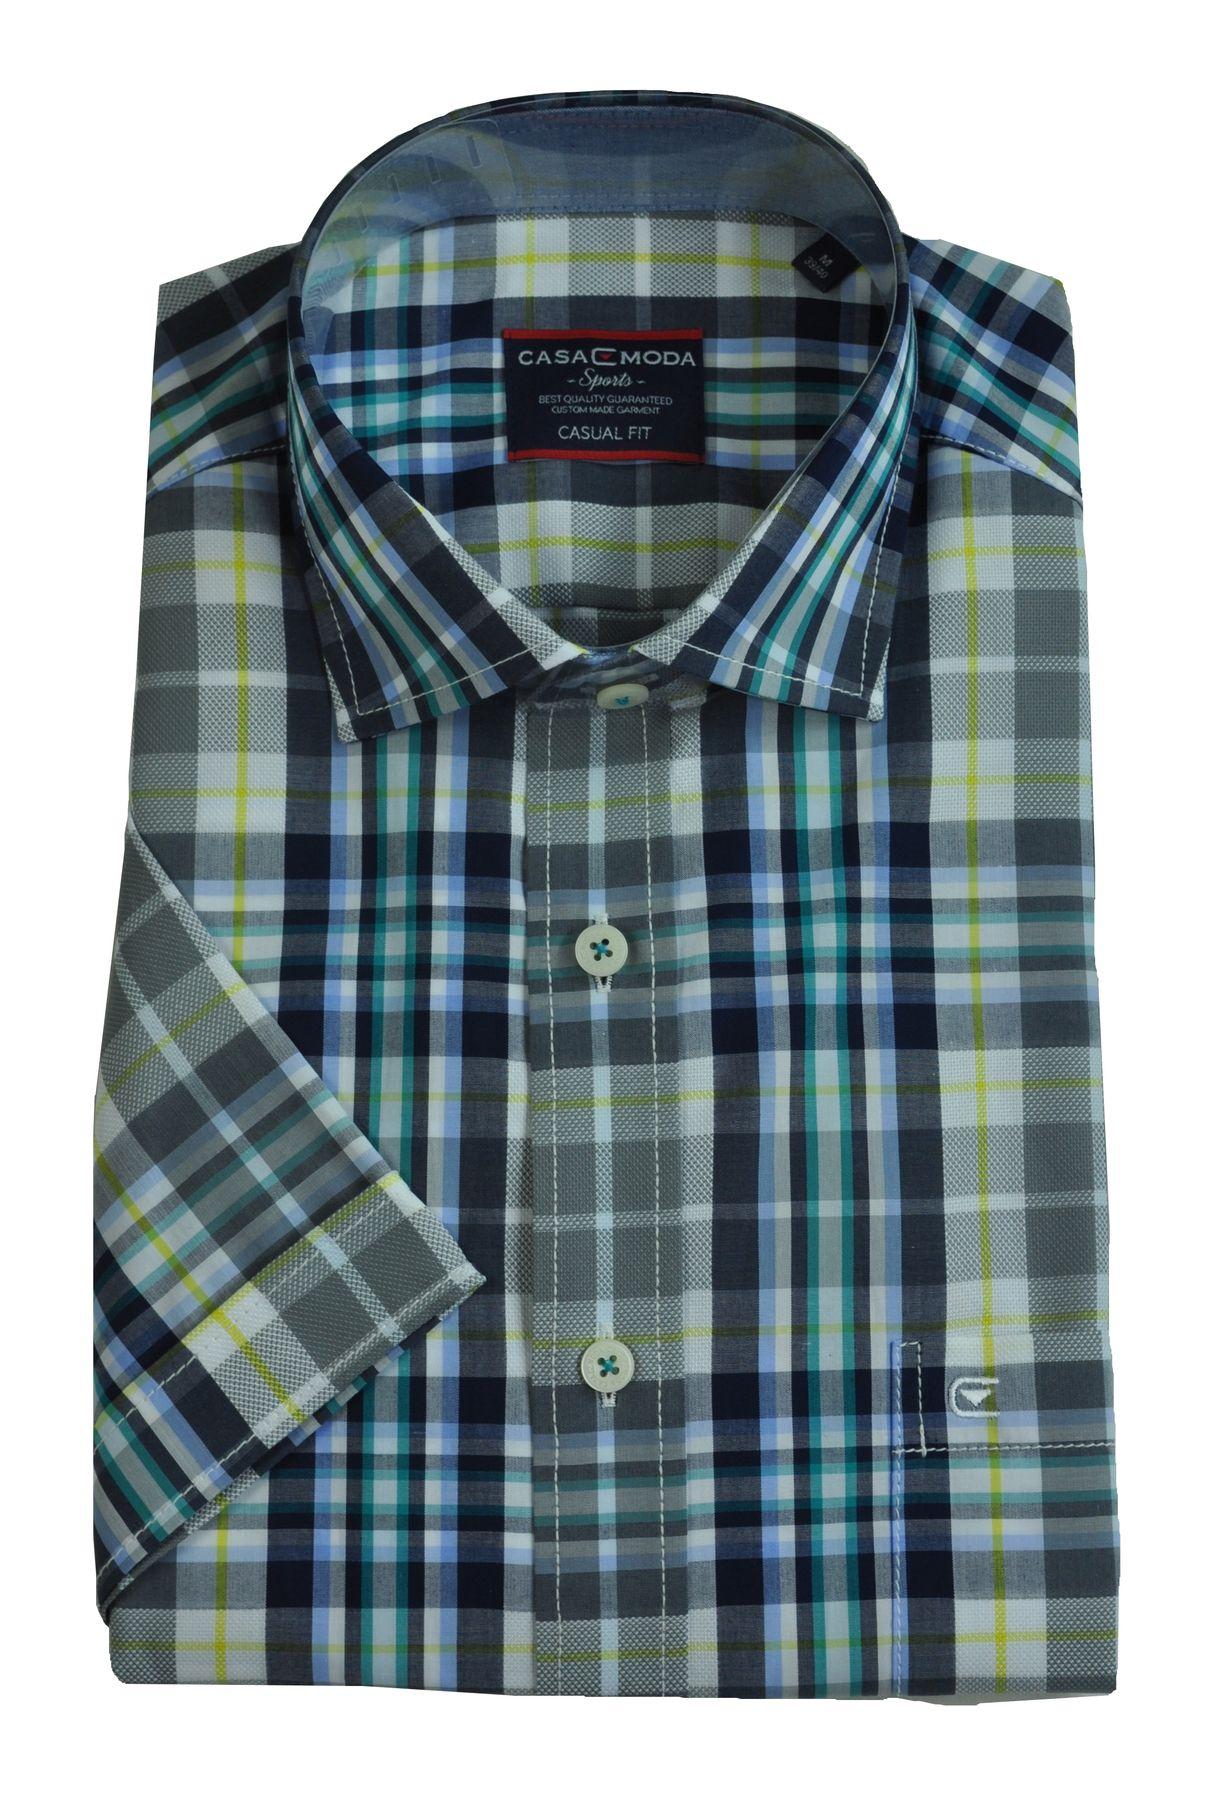 Casa Moda - Casual Fit - Herren Freizeit 1/2-Arm-Hemd in verschiedenen Farben mit Kent-Kragen (983074600) – Bild 3